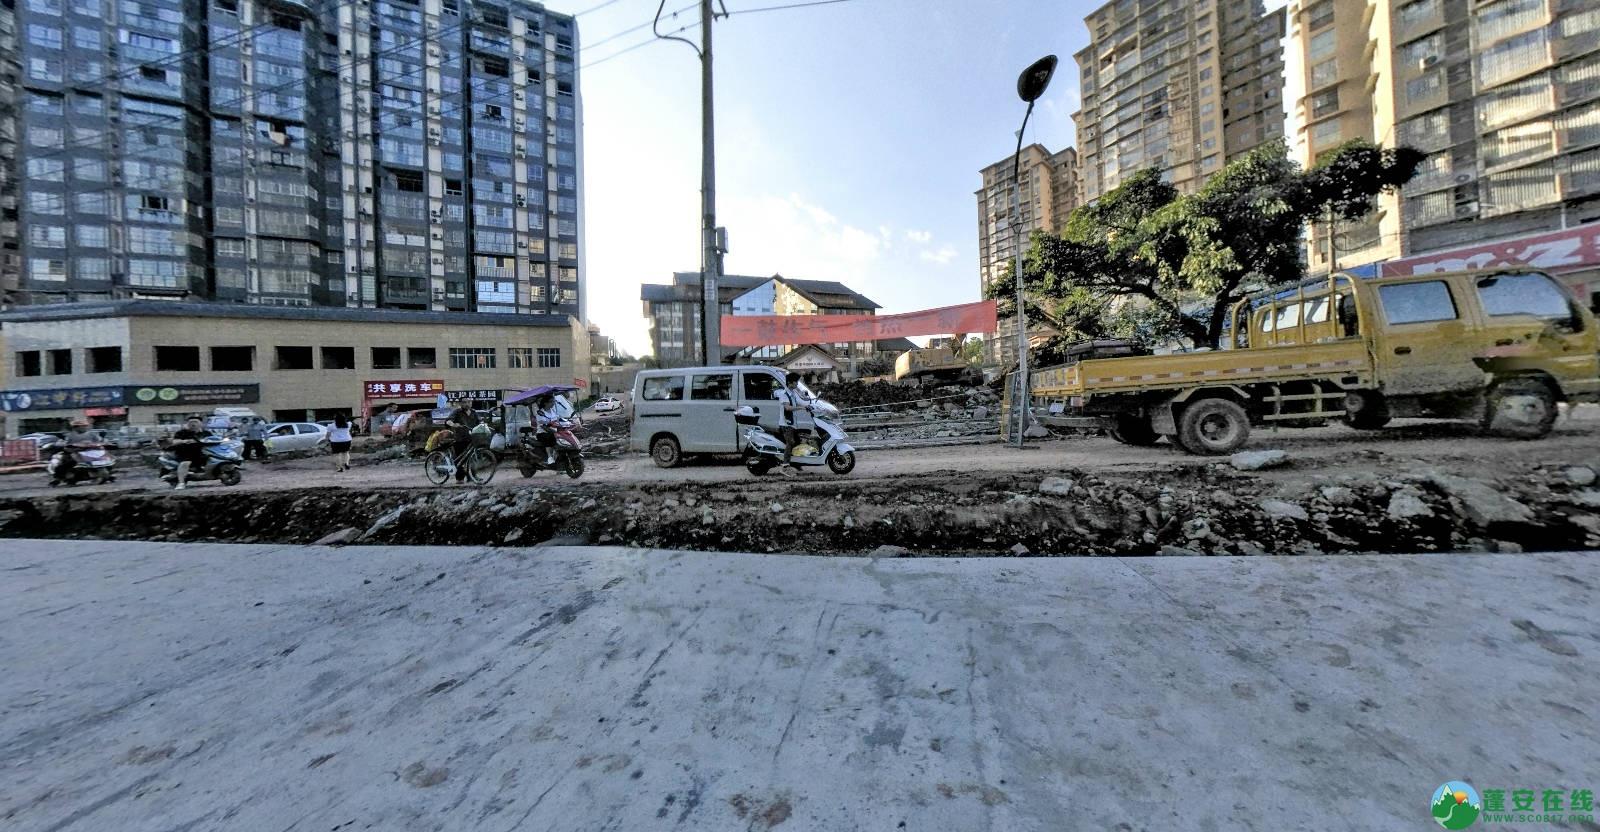 蓬安县嘉陵西路改建工程进展(2019-06-16) - 第7张  | 蓬安在线